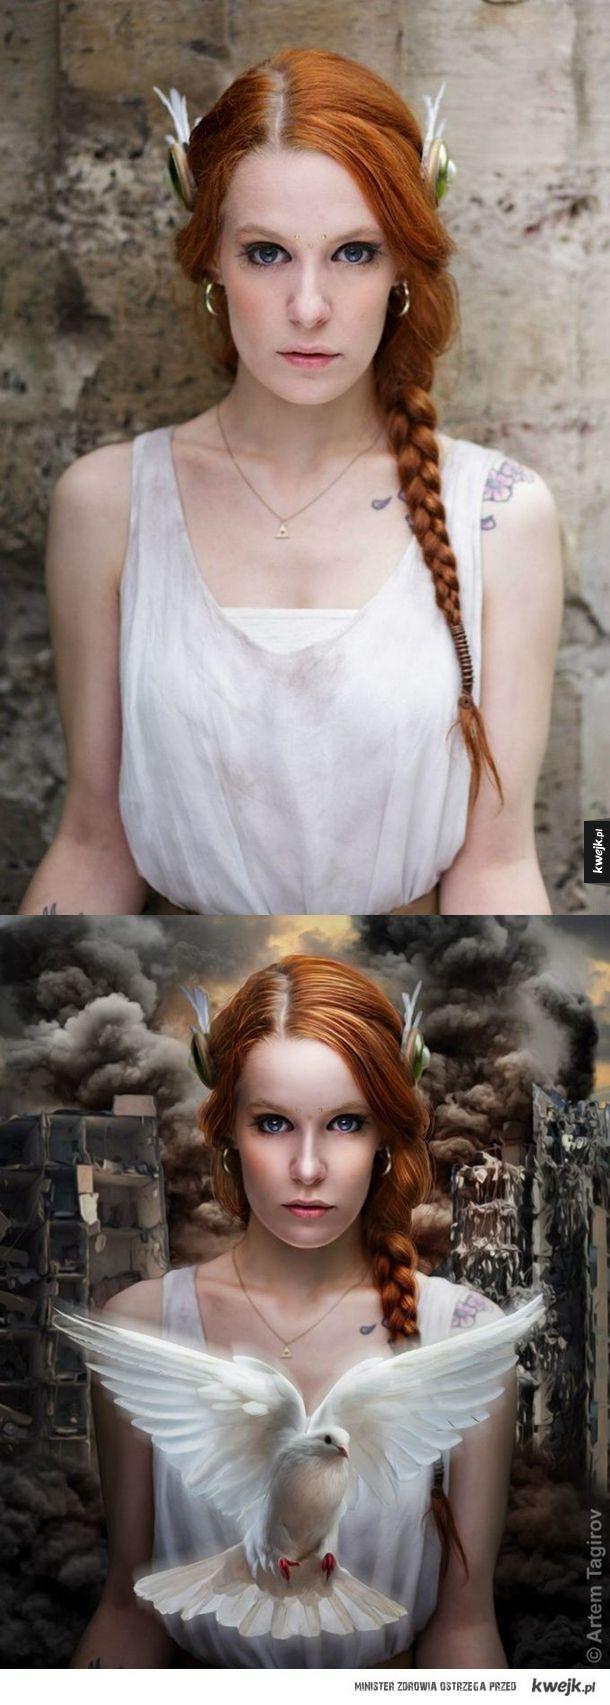 Niesamowite metamorfozy w Photoshopie - photoshop, zdjęcie, komputer, grafik, obróbka zdjęć